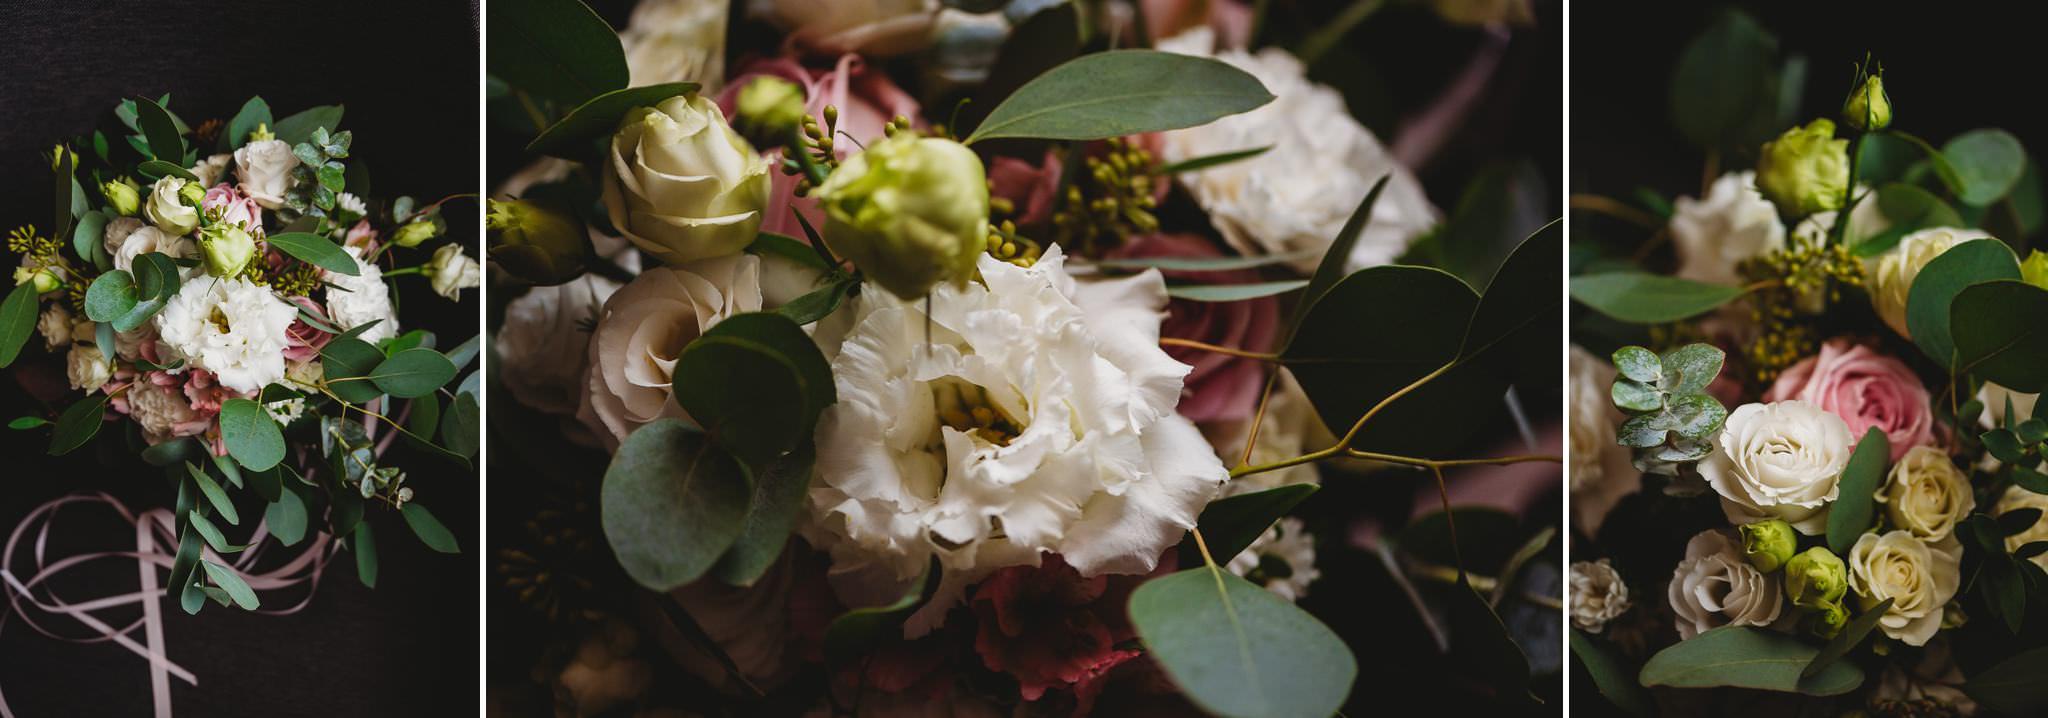 Fantastyczny ślub w stylu rustykalnym, wesele w Kapitańskiej  fotograf ślubny Konin 21